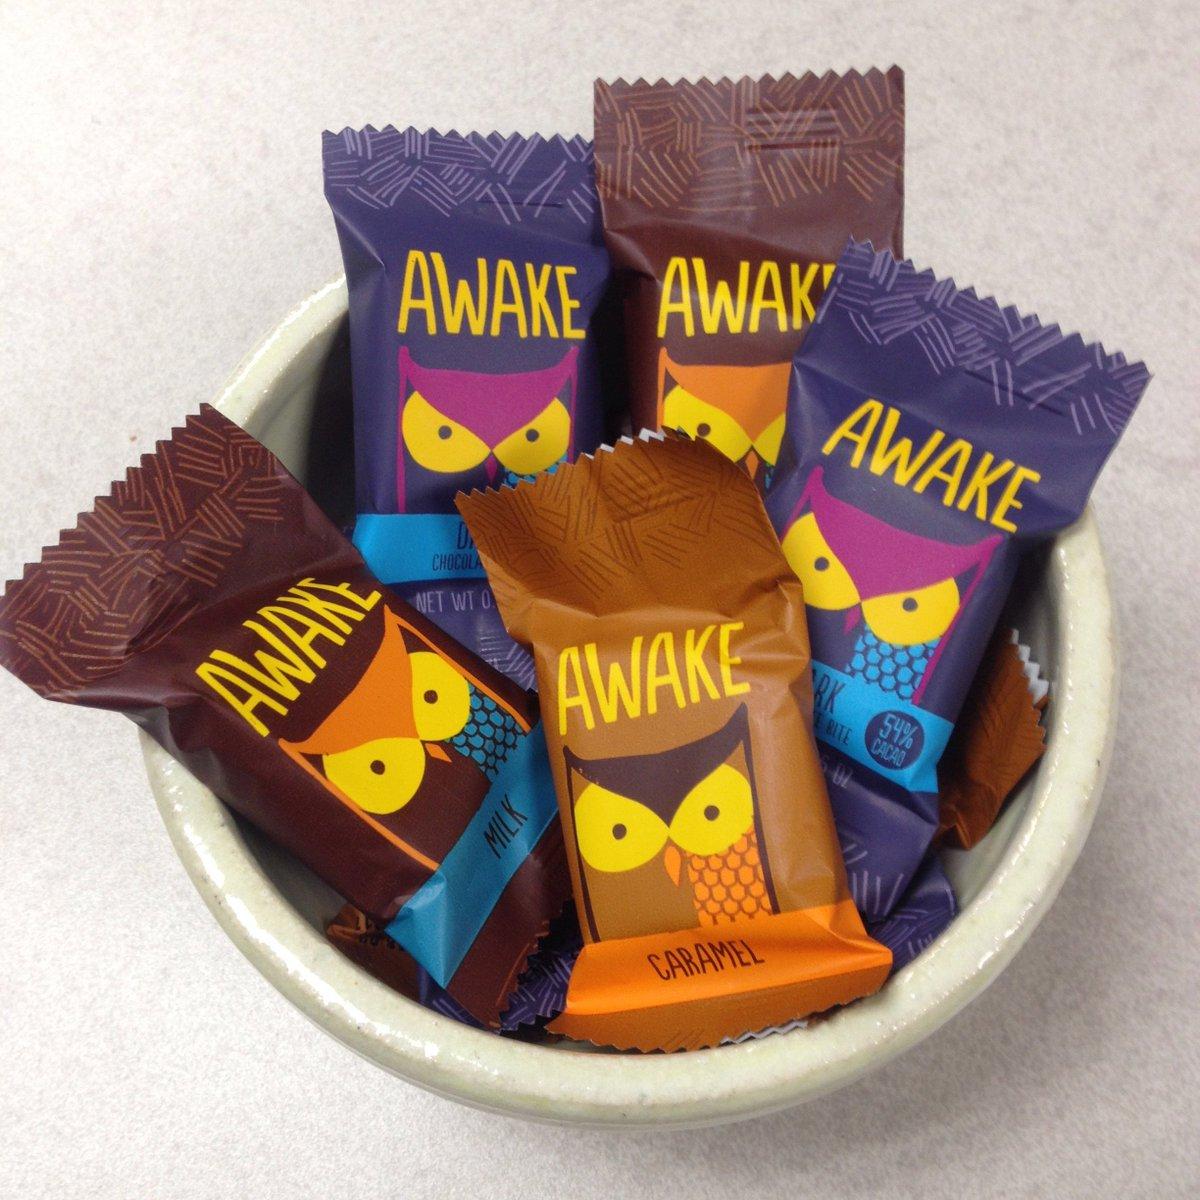 AWAKE Chocolate OU (@awake_ou) | Twitter